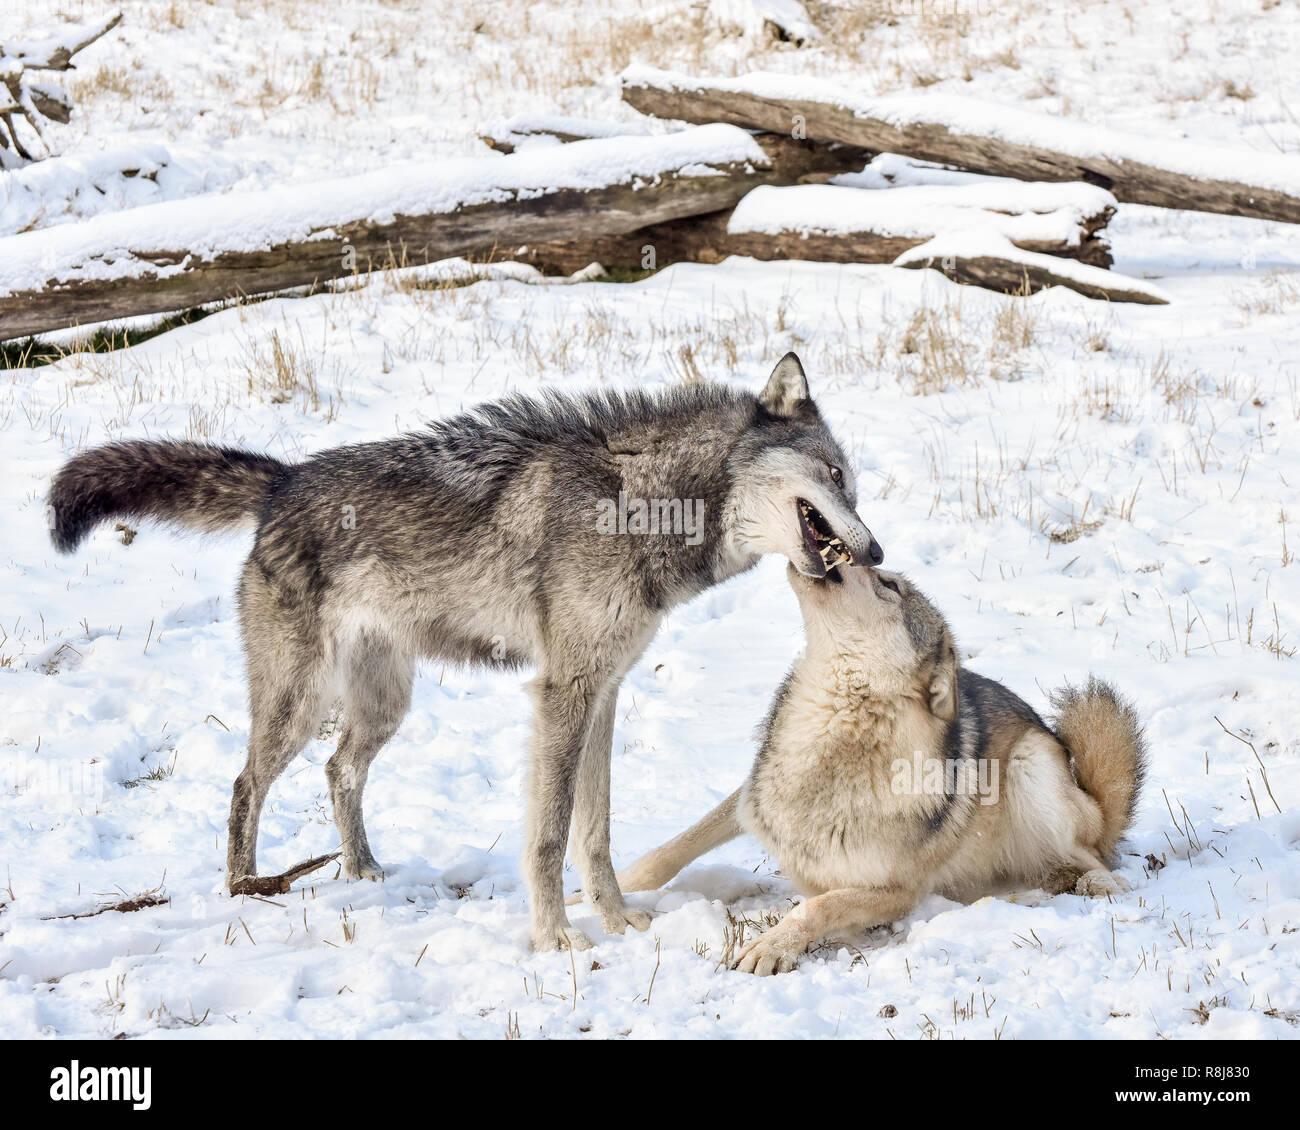 Tundra Wolf demonstrieren unterwürfig Verhalten zu männlichen Alpha im Winter Schnee Stockbild